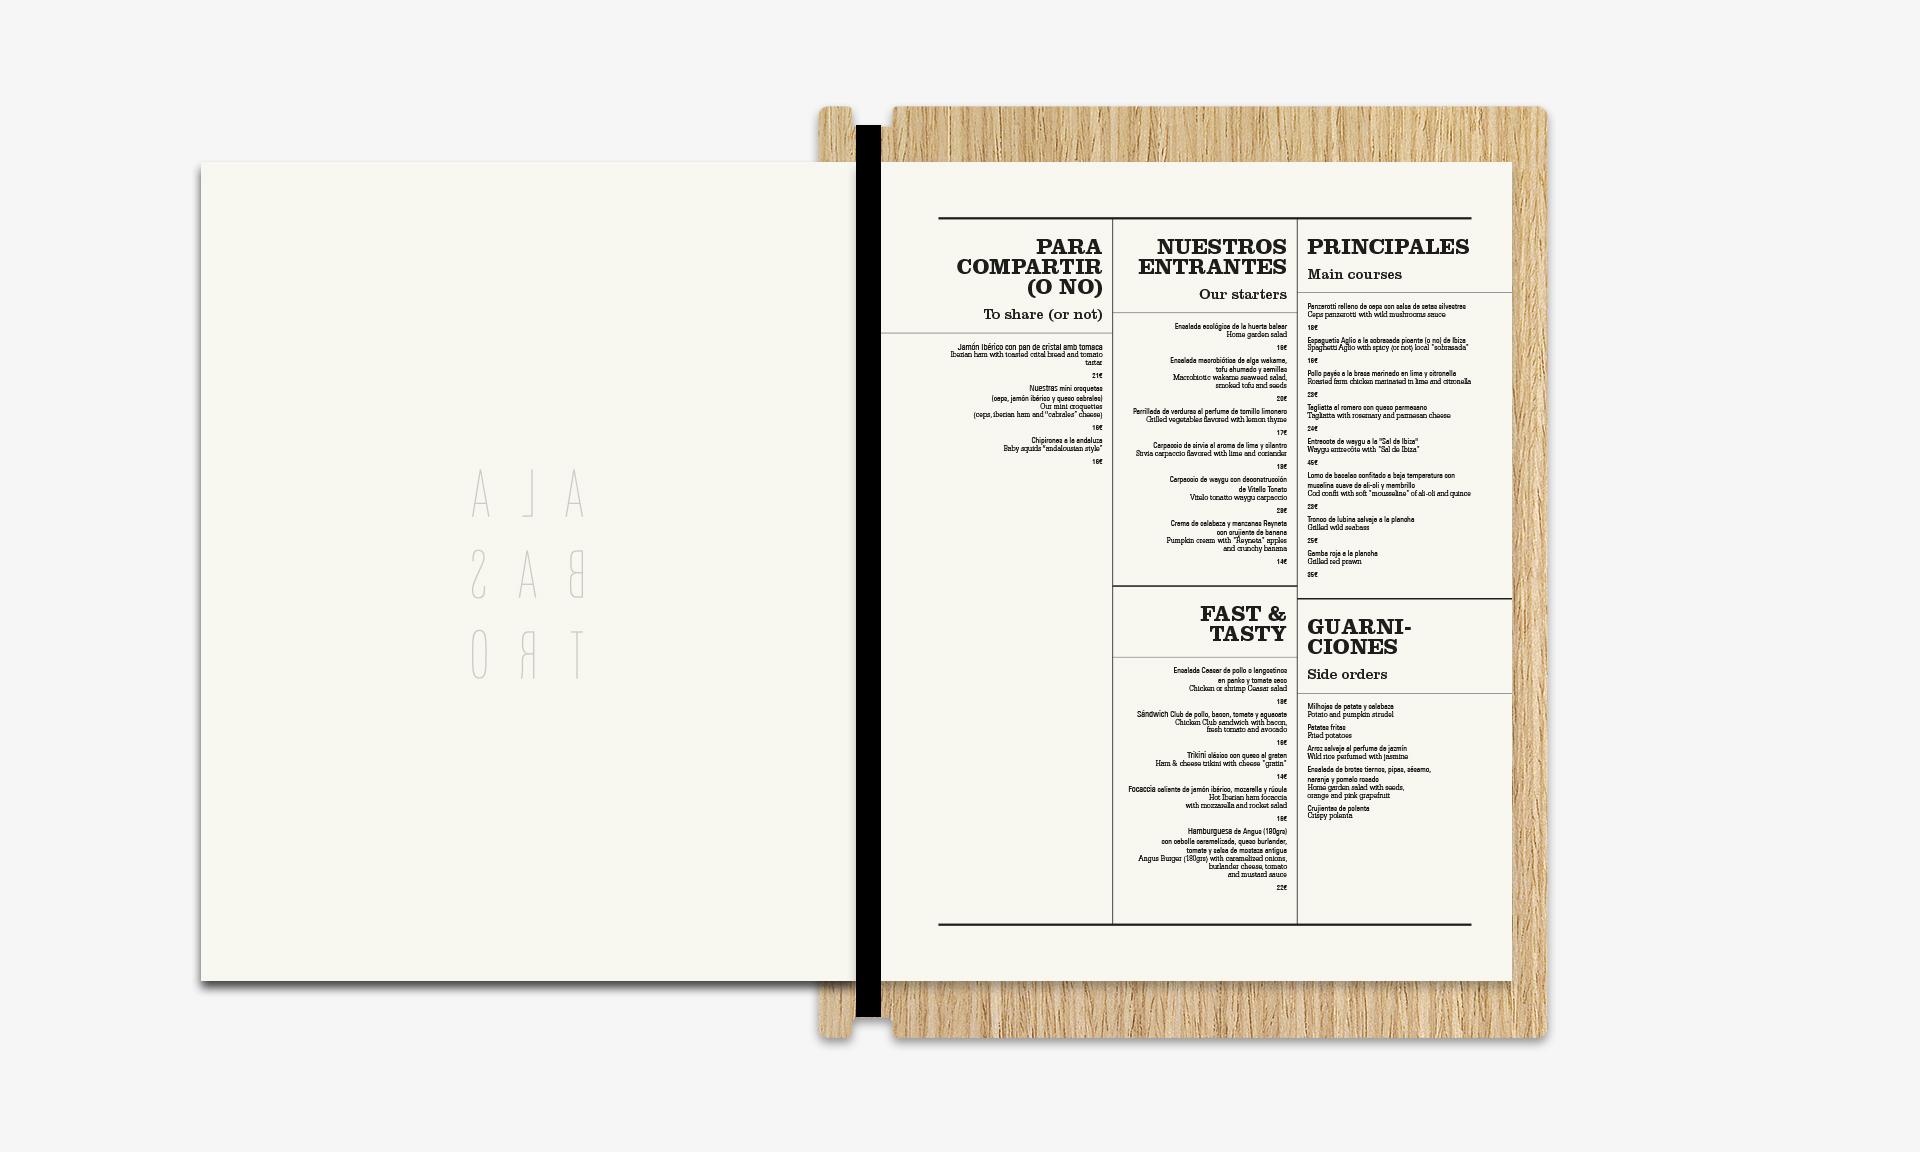 Aguas de Ibiza cartas Alabastro interior detalle menú